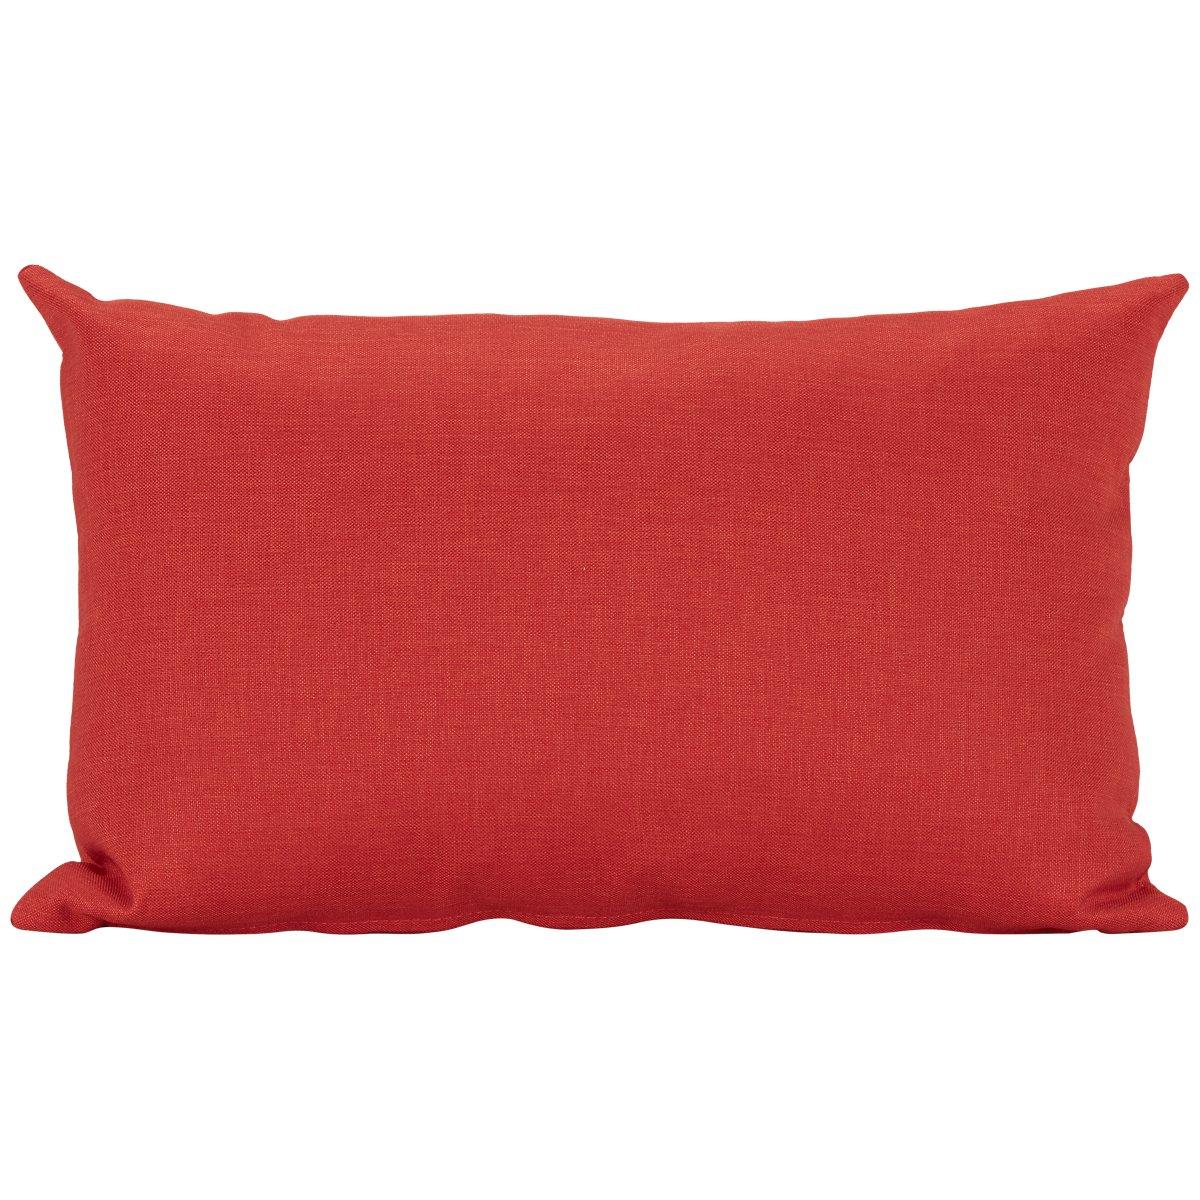 City Furniture: Callie Orange Rectangular Accent Pillow